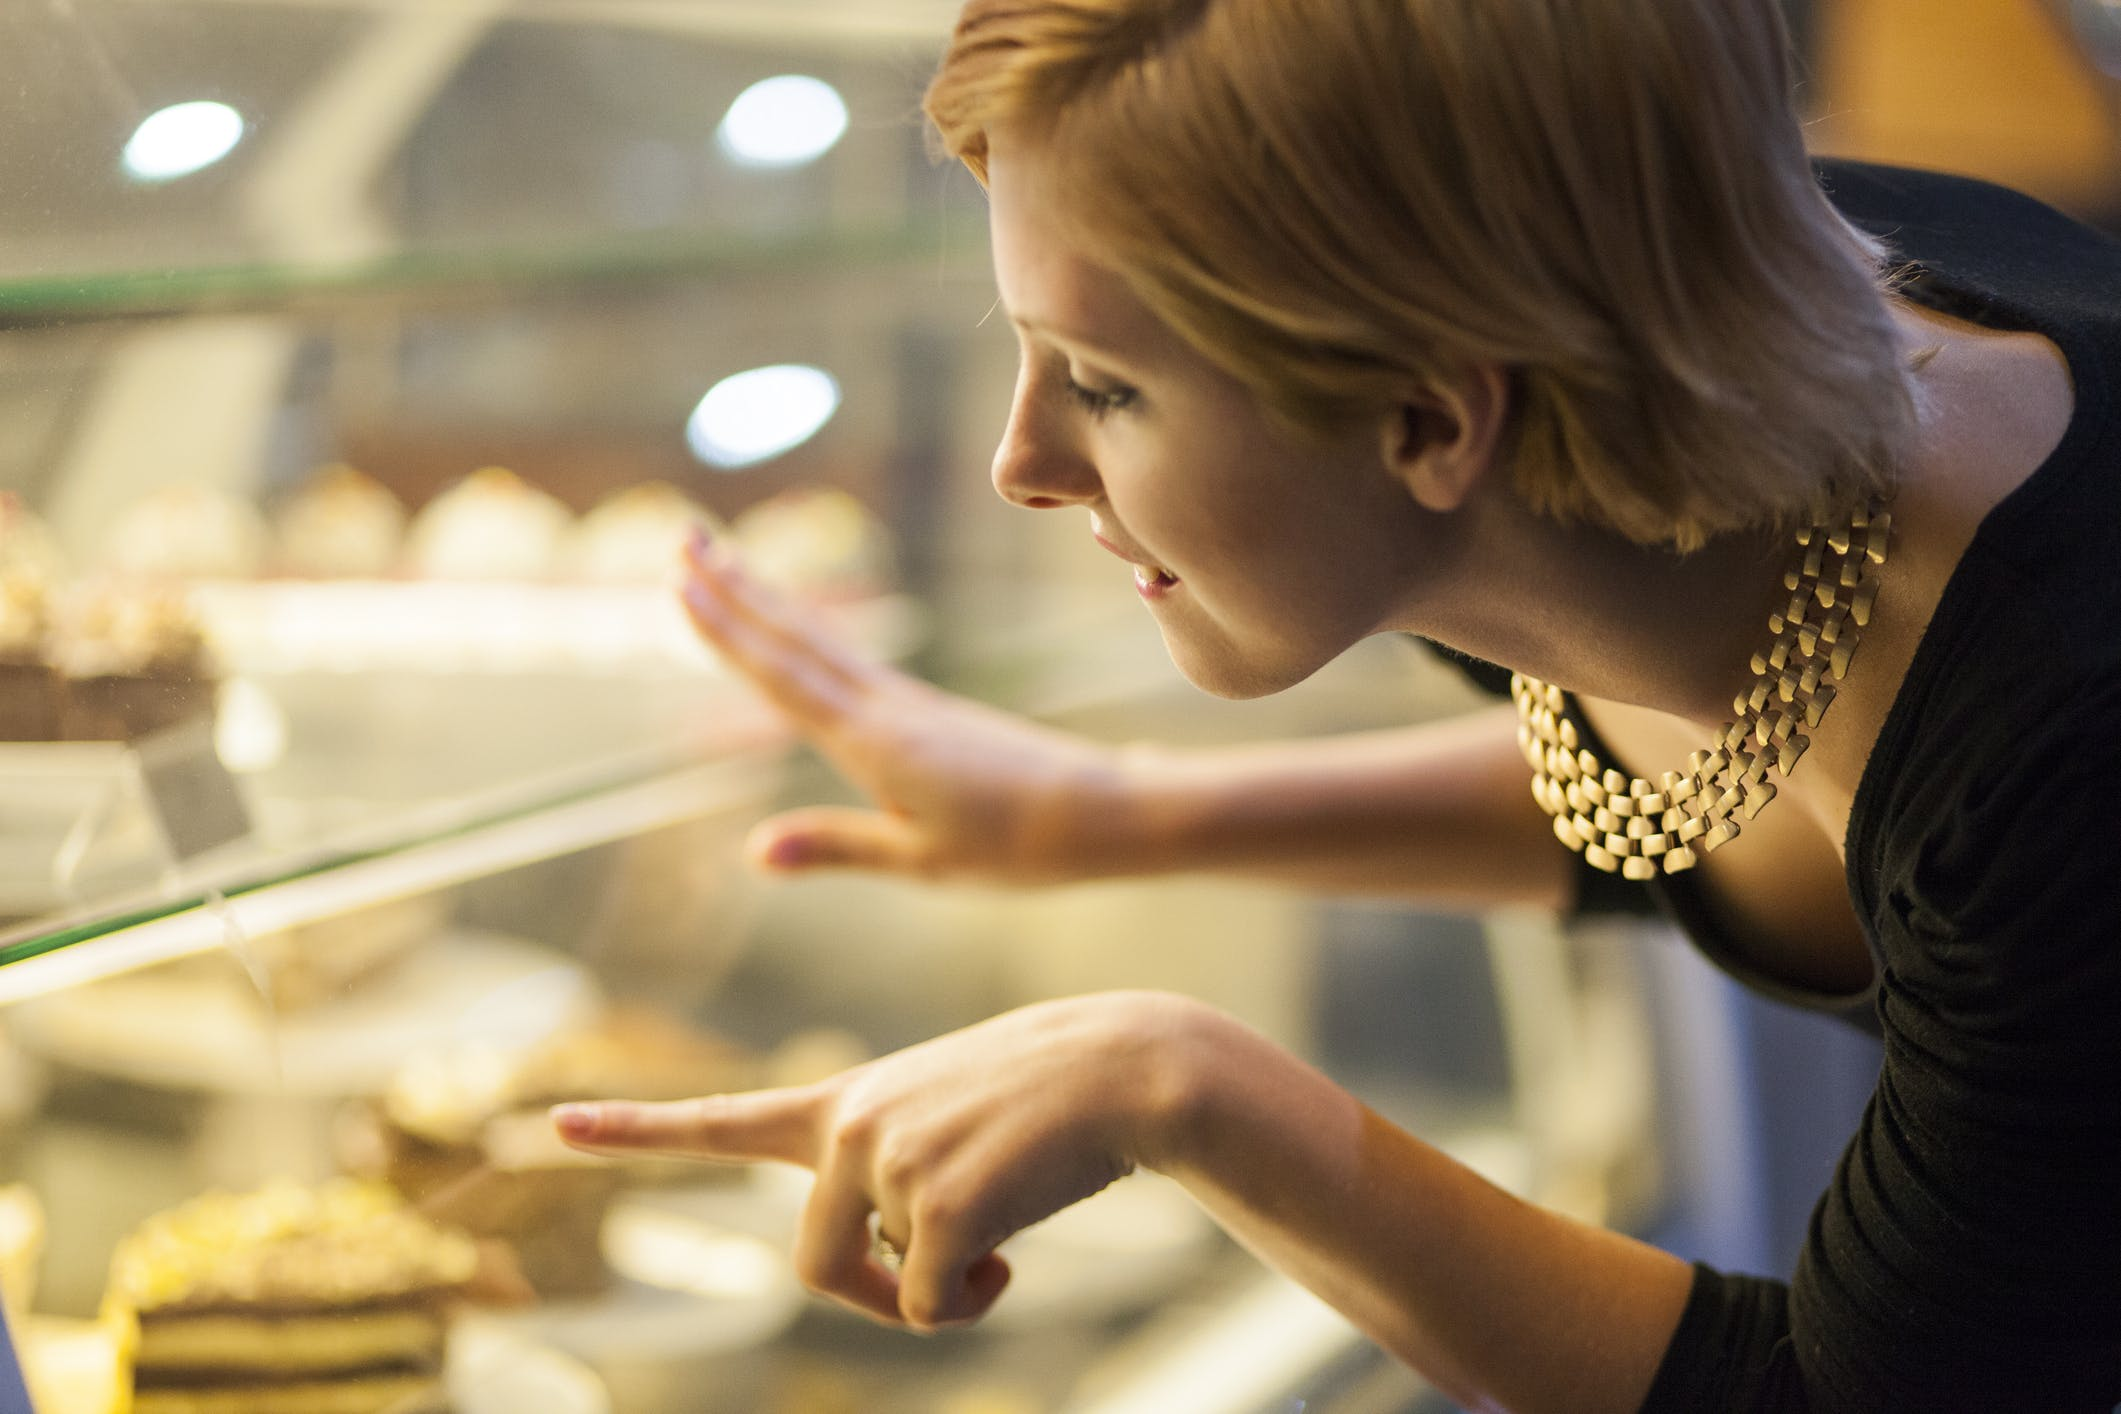 Des neurones qui répondent au stress par l'envie de sucre